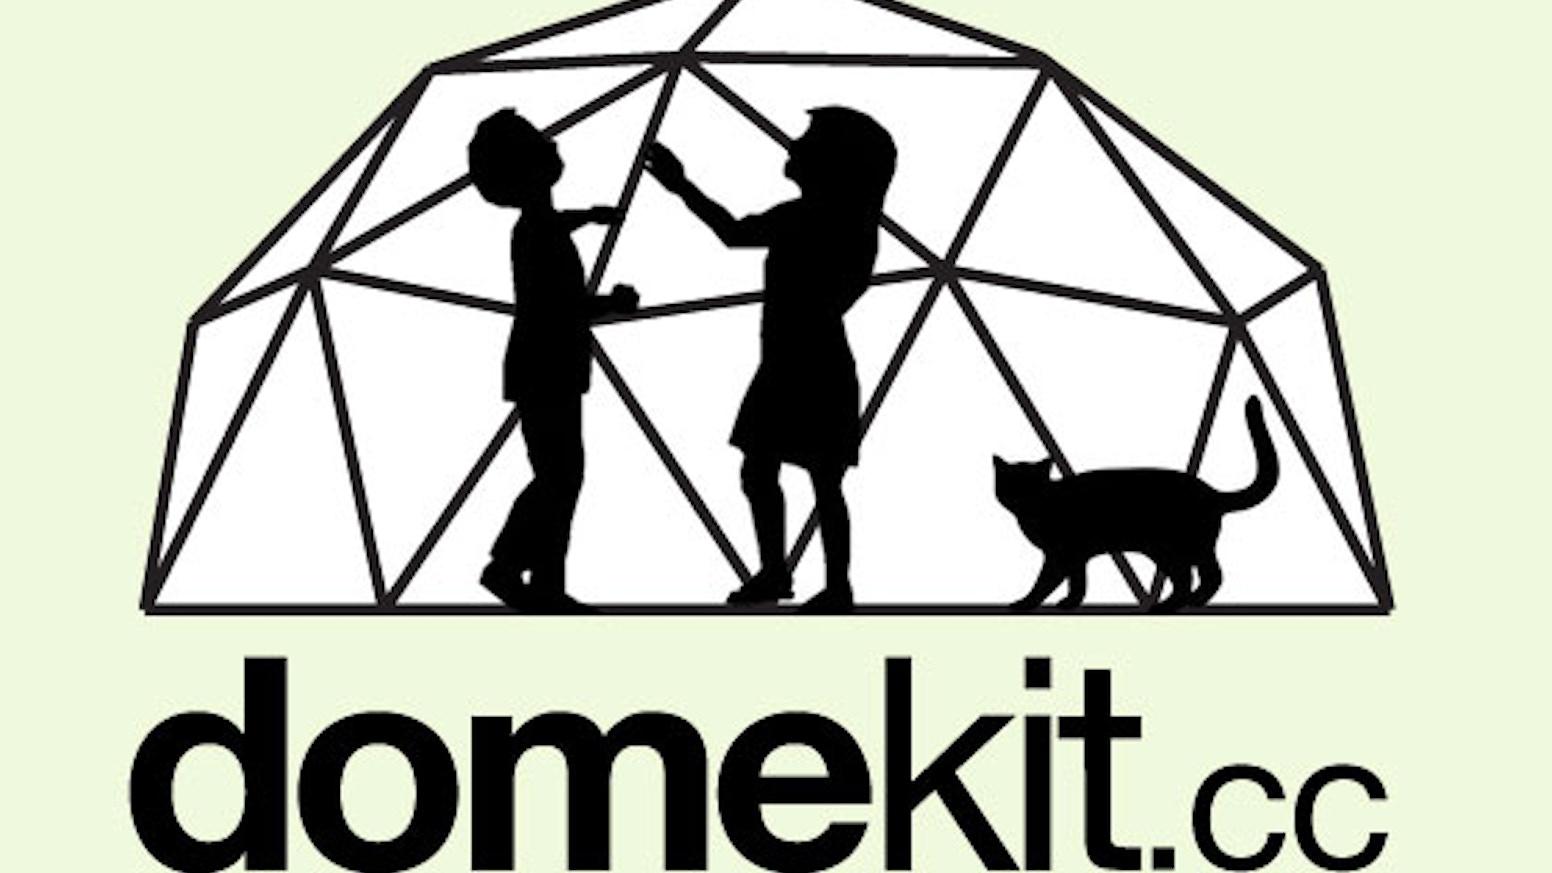 domekit cc — domes for all by EFFALO — Kickstarter